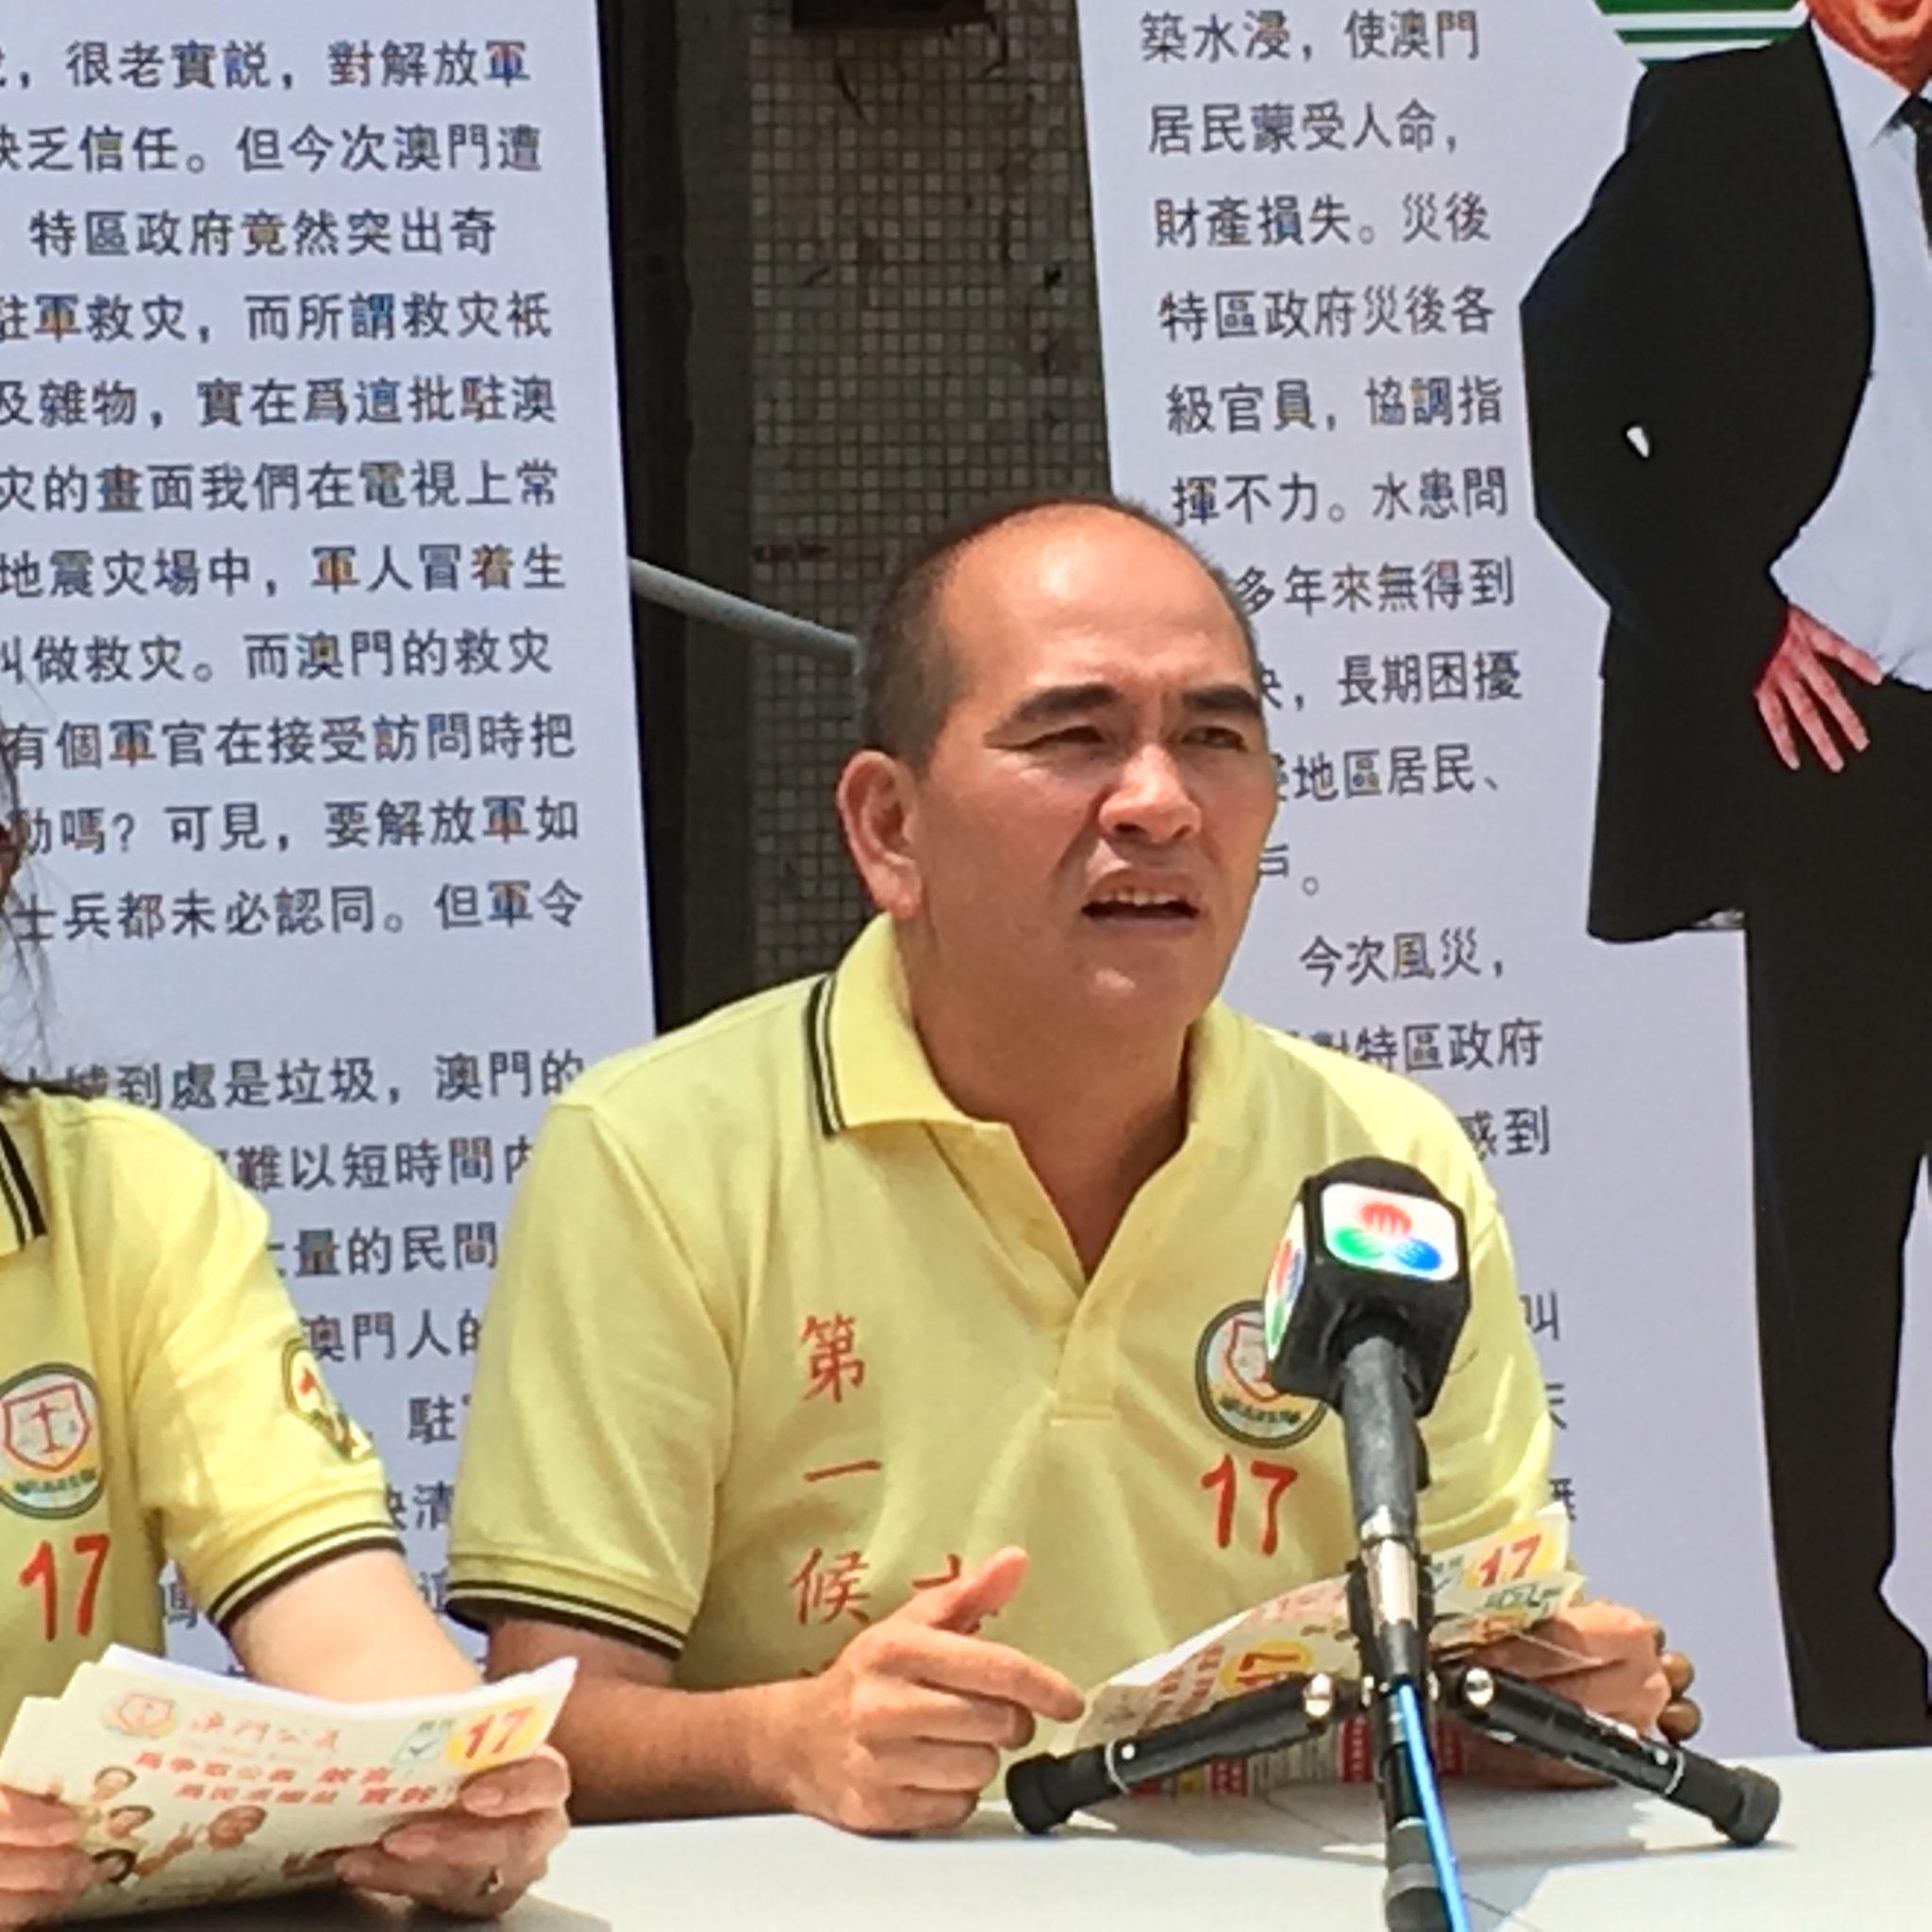 Ou Mun Kong I, mais um programa eleitoral contra não residentes